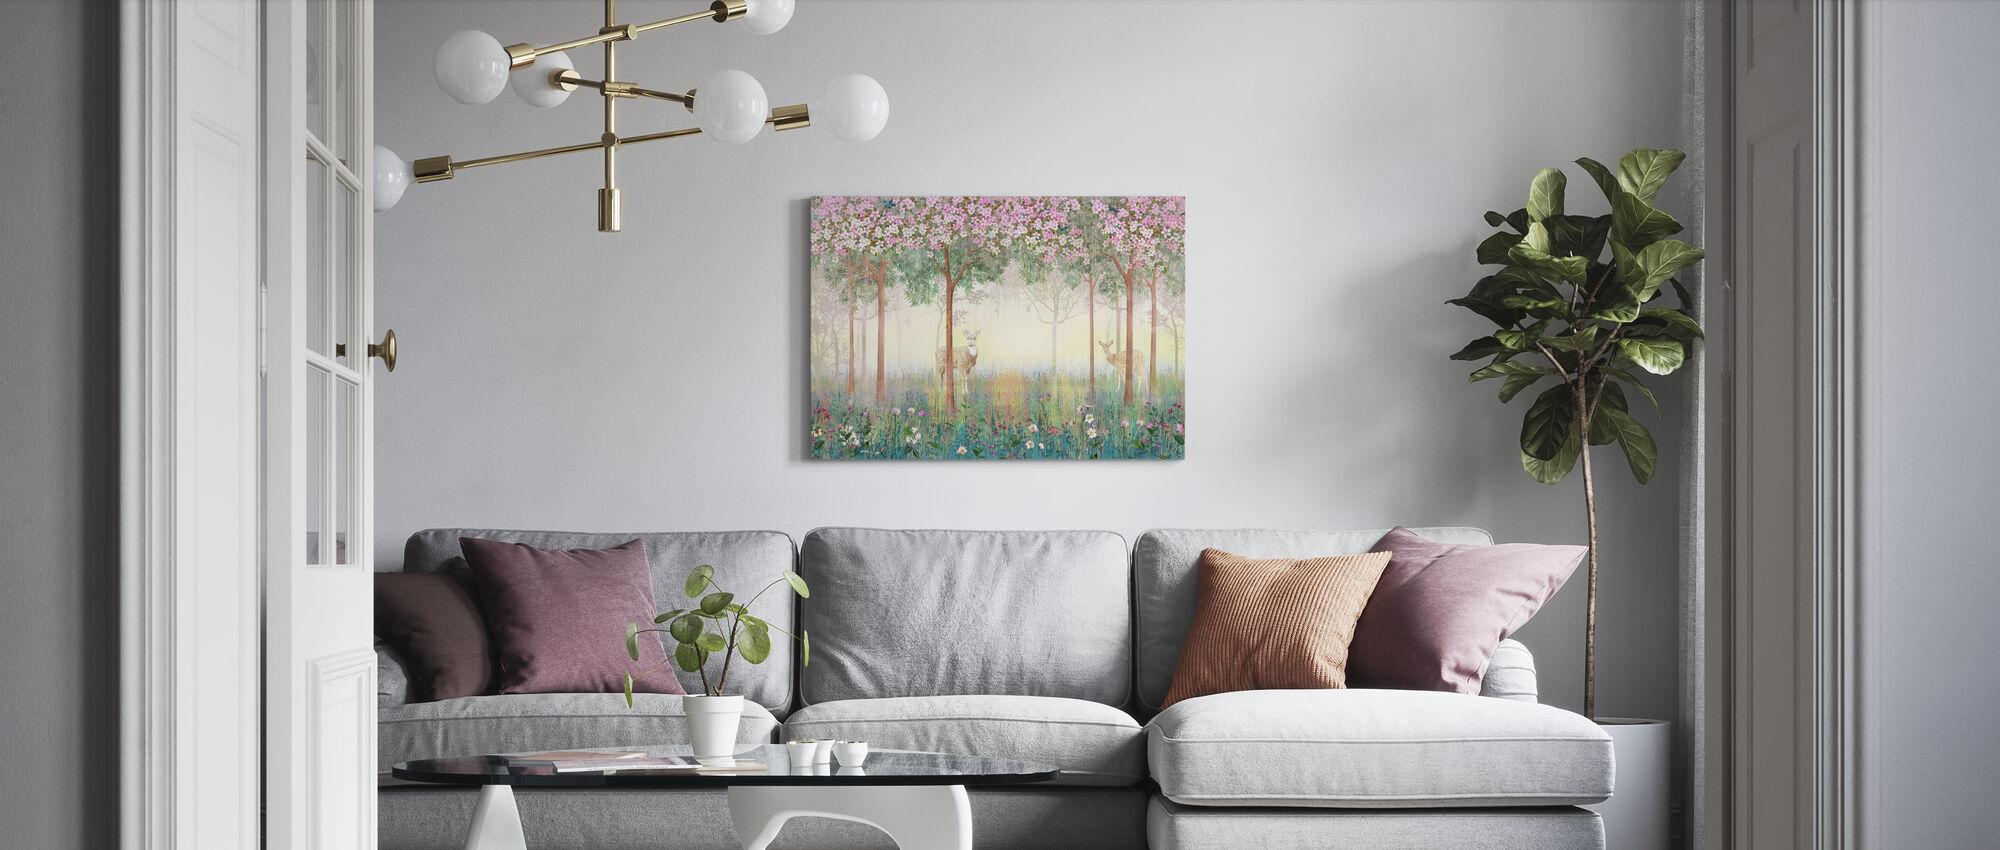 Cerfs dans la forêt rêveuse - Impression sur toile - Salle à manger